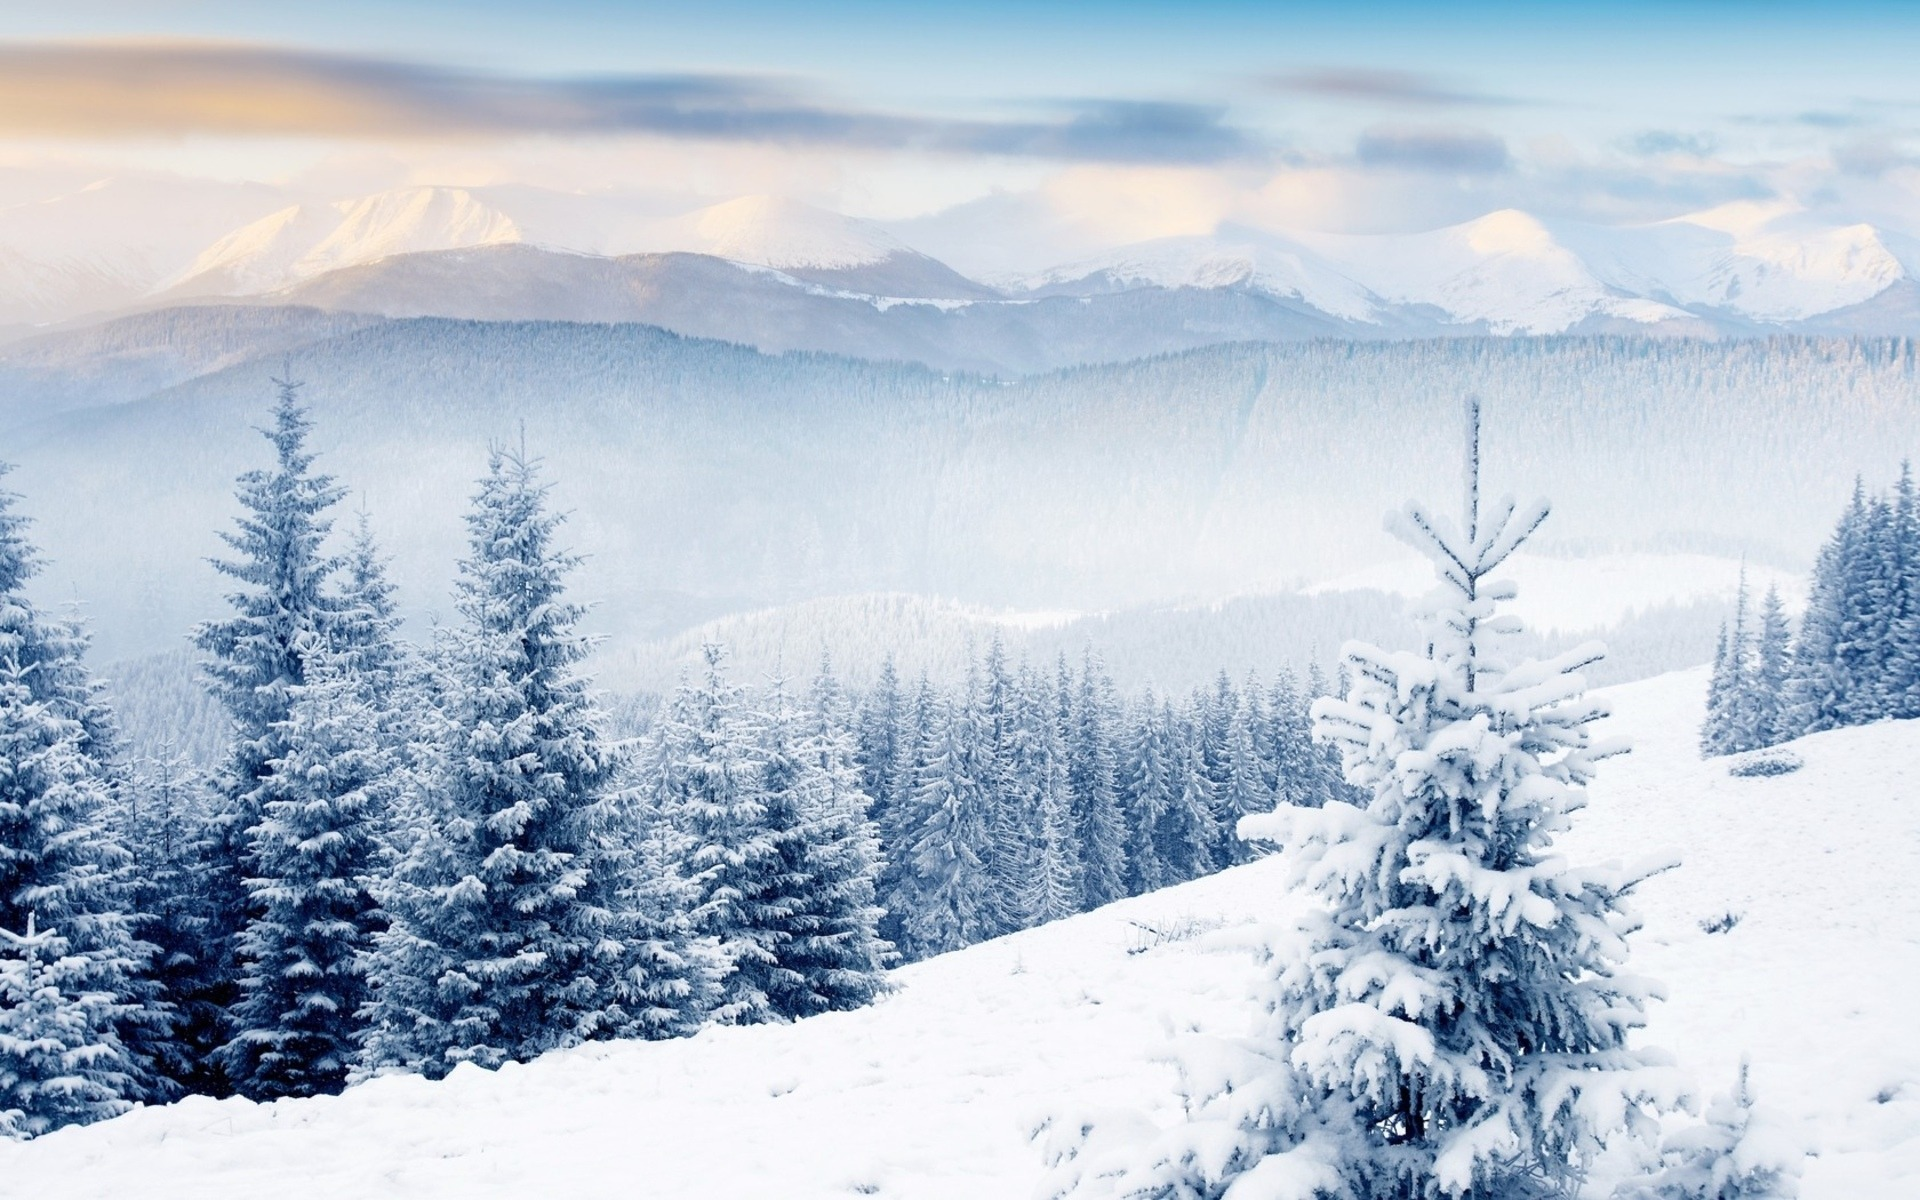 Winter First Snow Landscape Hd Wallpaper 03 Preview 10wallpaper Com